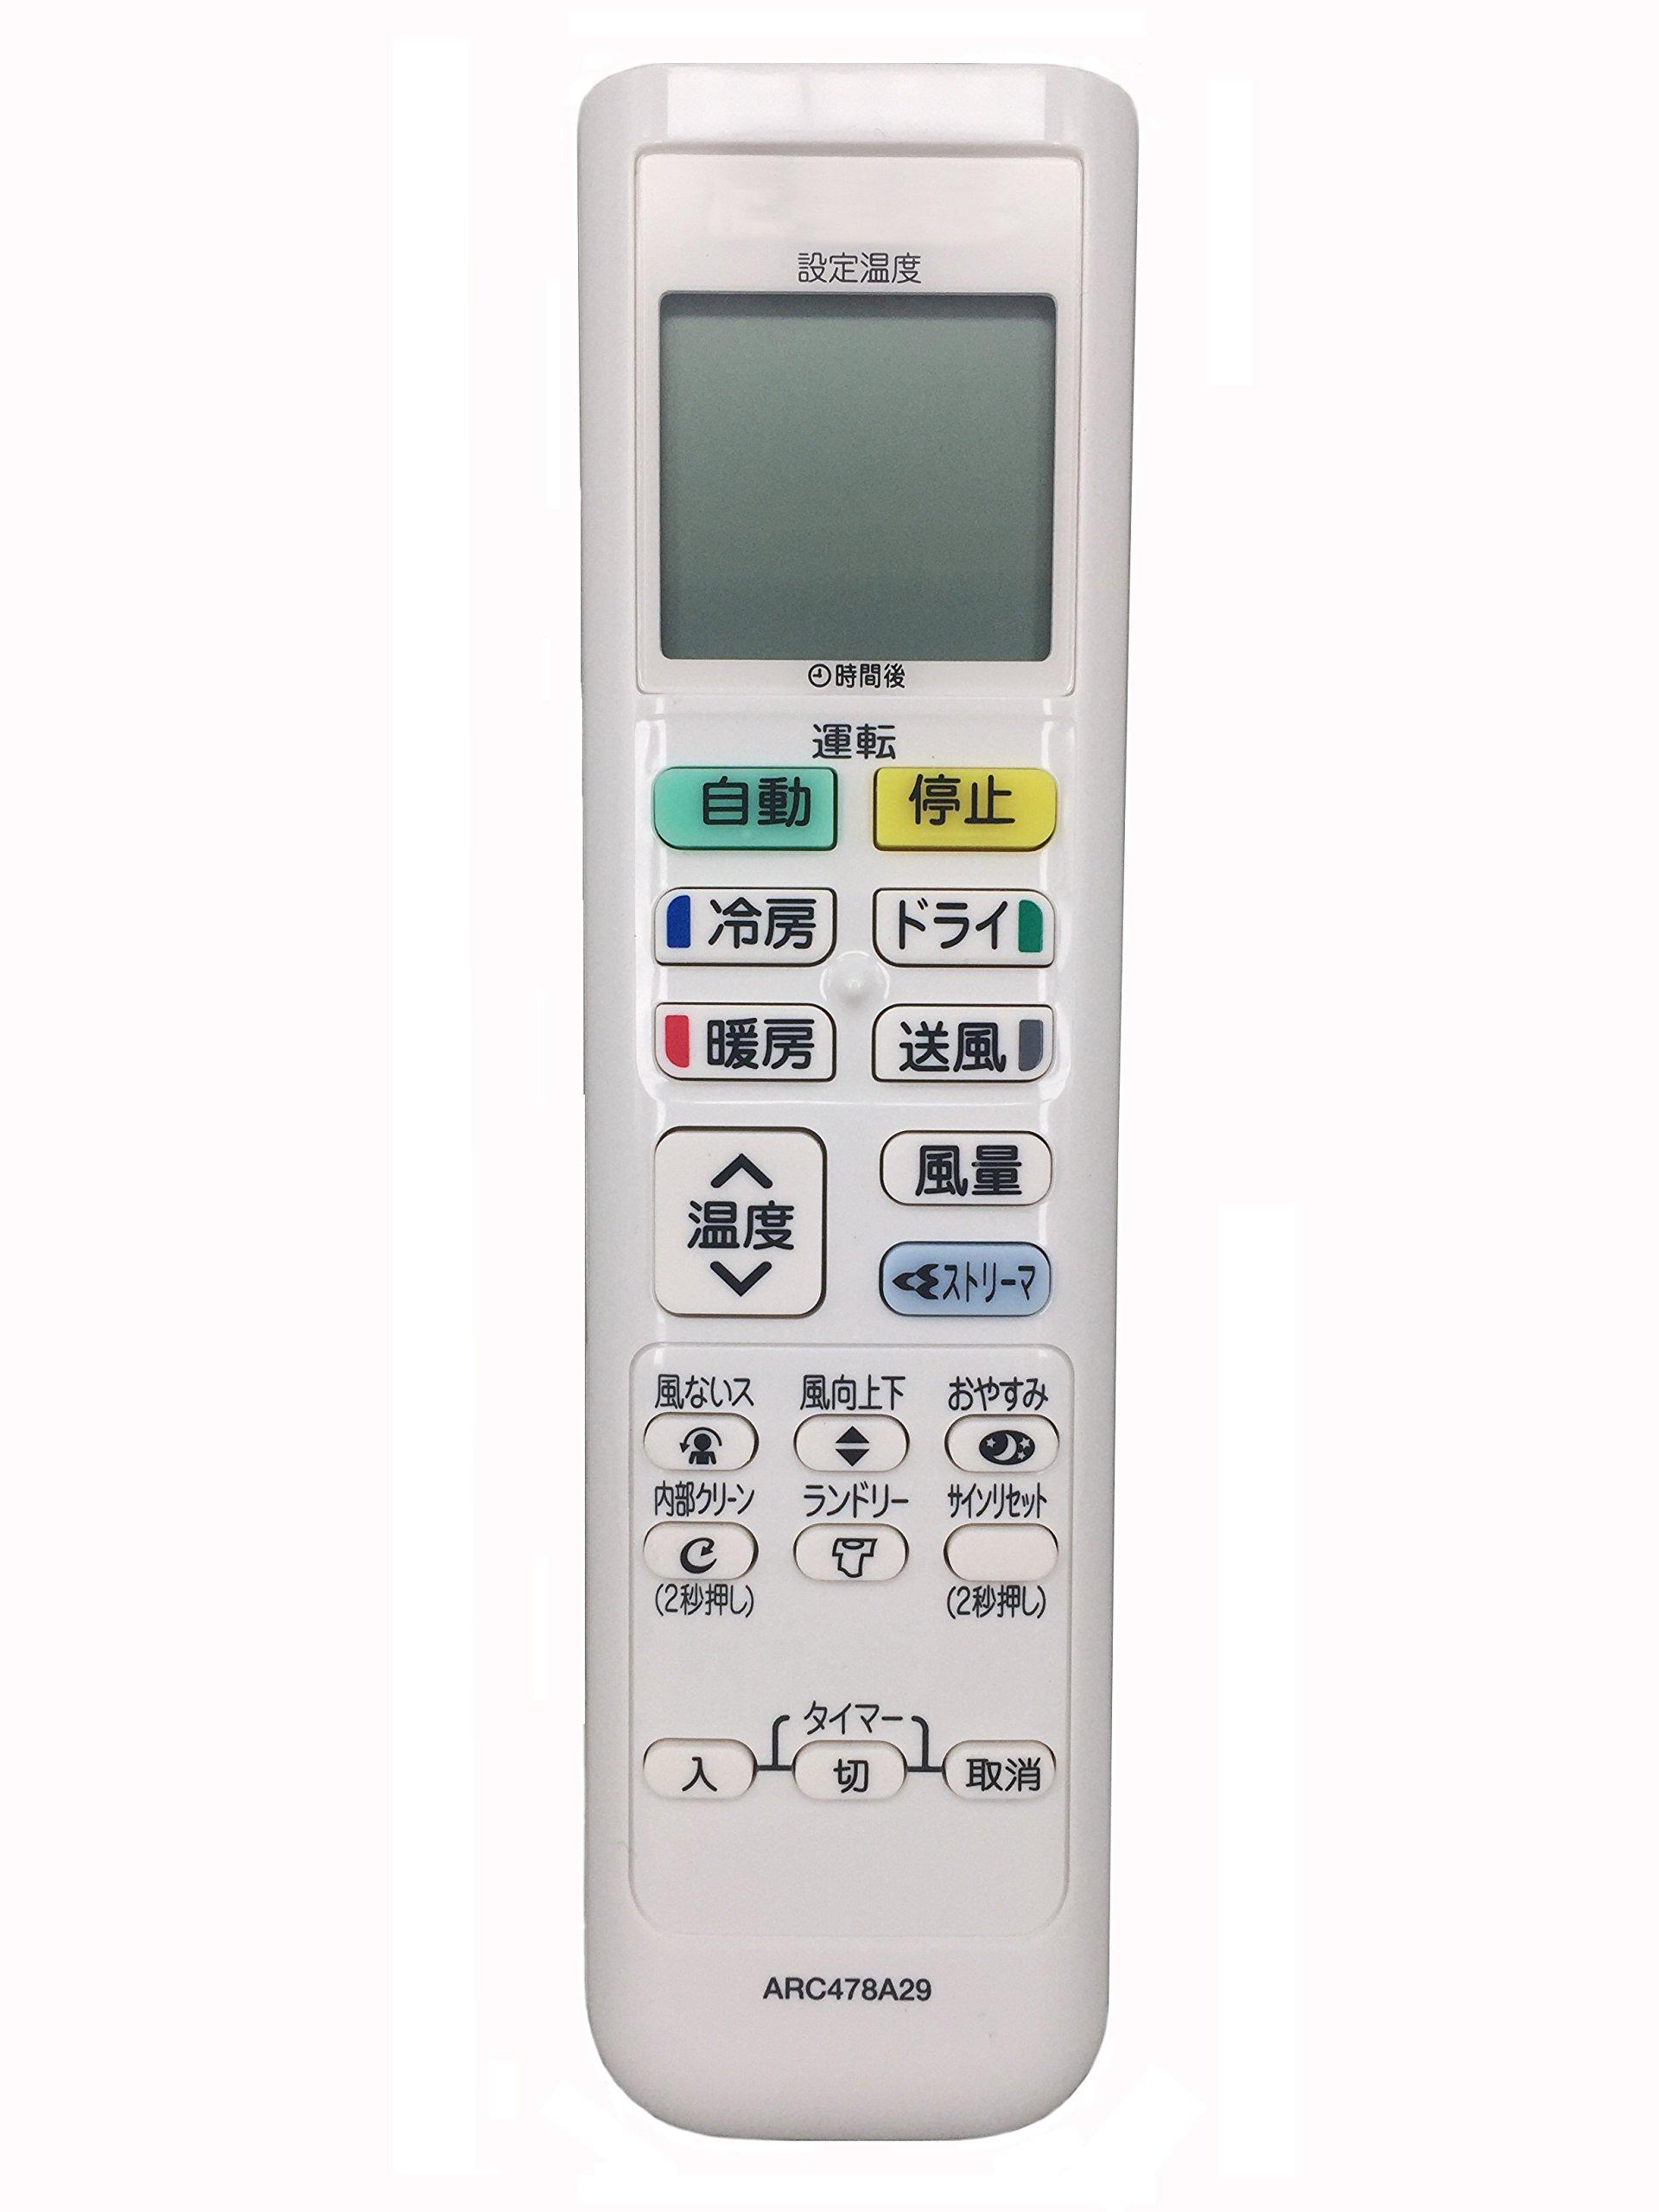 Daikin Air Conditioner Remote Control Manual | Sante Blog